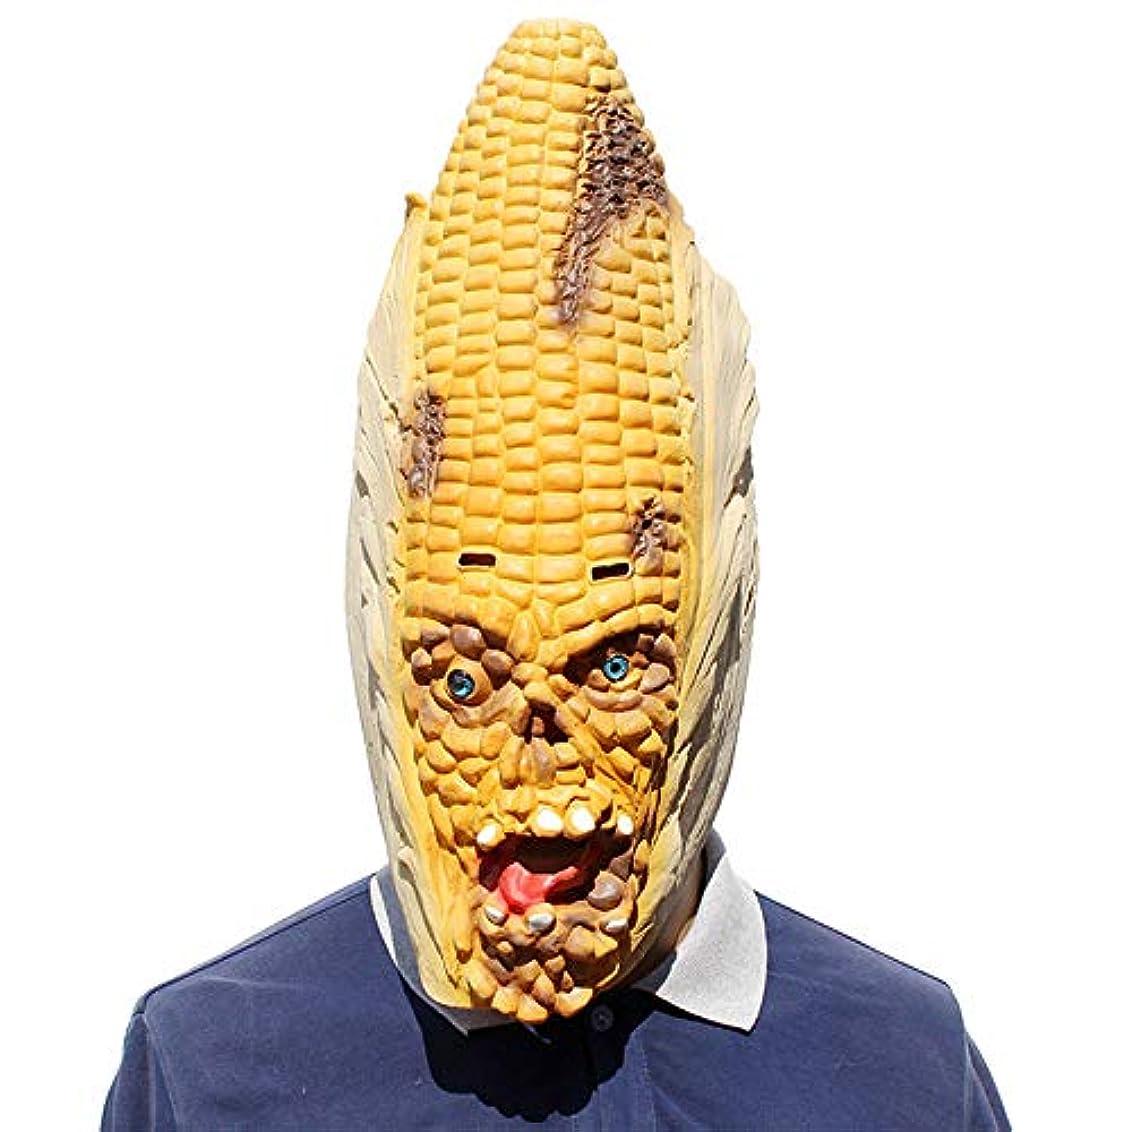 スラダム豊富に印象的ヘッドギアハロウィンバーパーティーショーコーンラテックスマスクパーティースプーフィング誕生日31x28x39cm